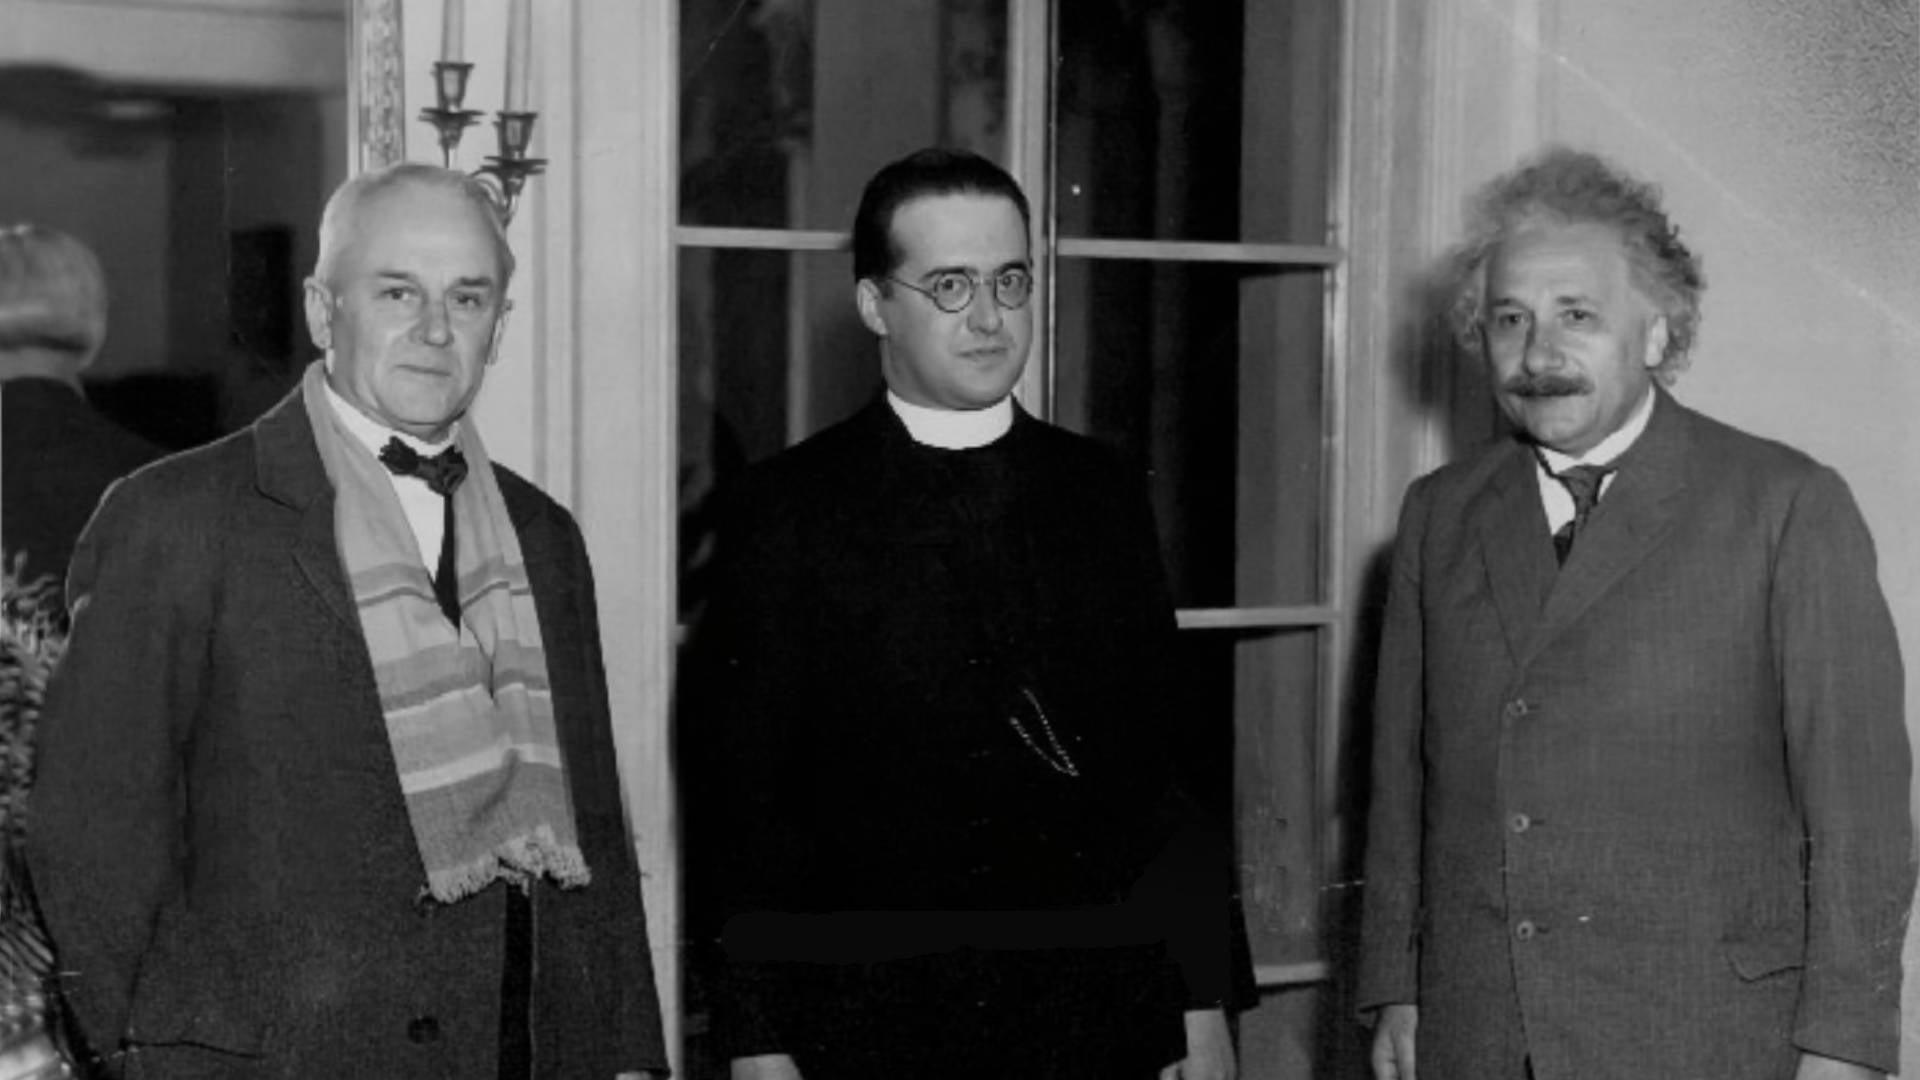 Fr. Georges Lemaître, Robert A. Millikan and Albert Einstein